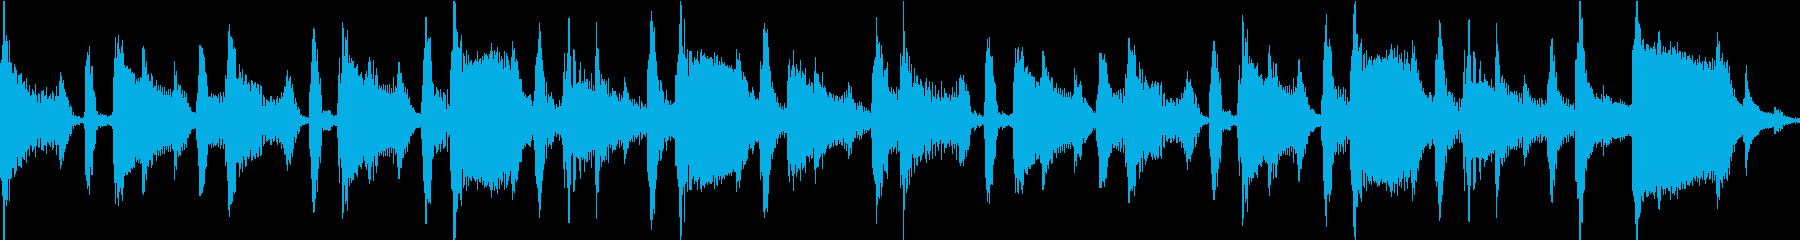 [ループ仕様]ほのぼのおしゃれなボサノバの再生済みの波形